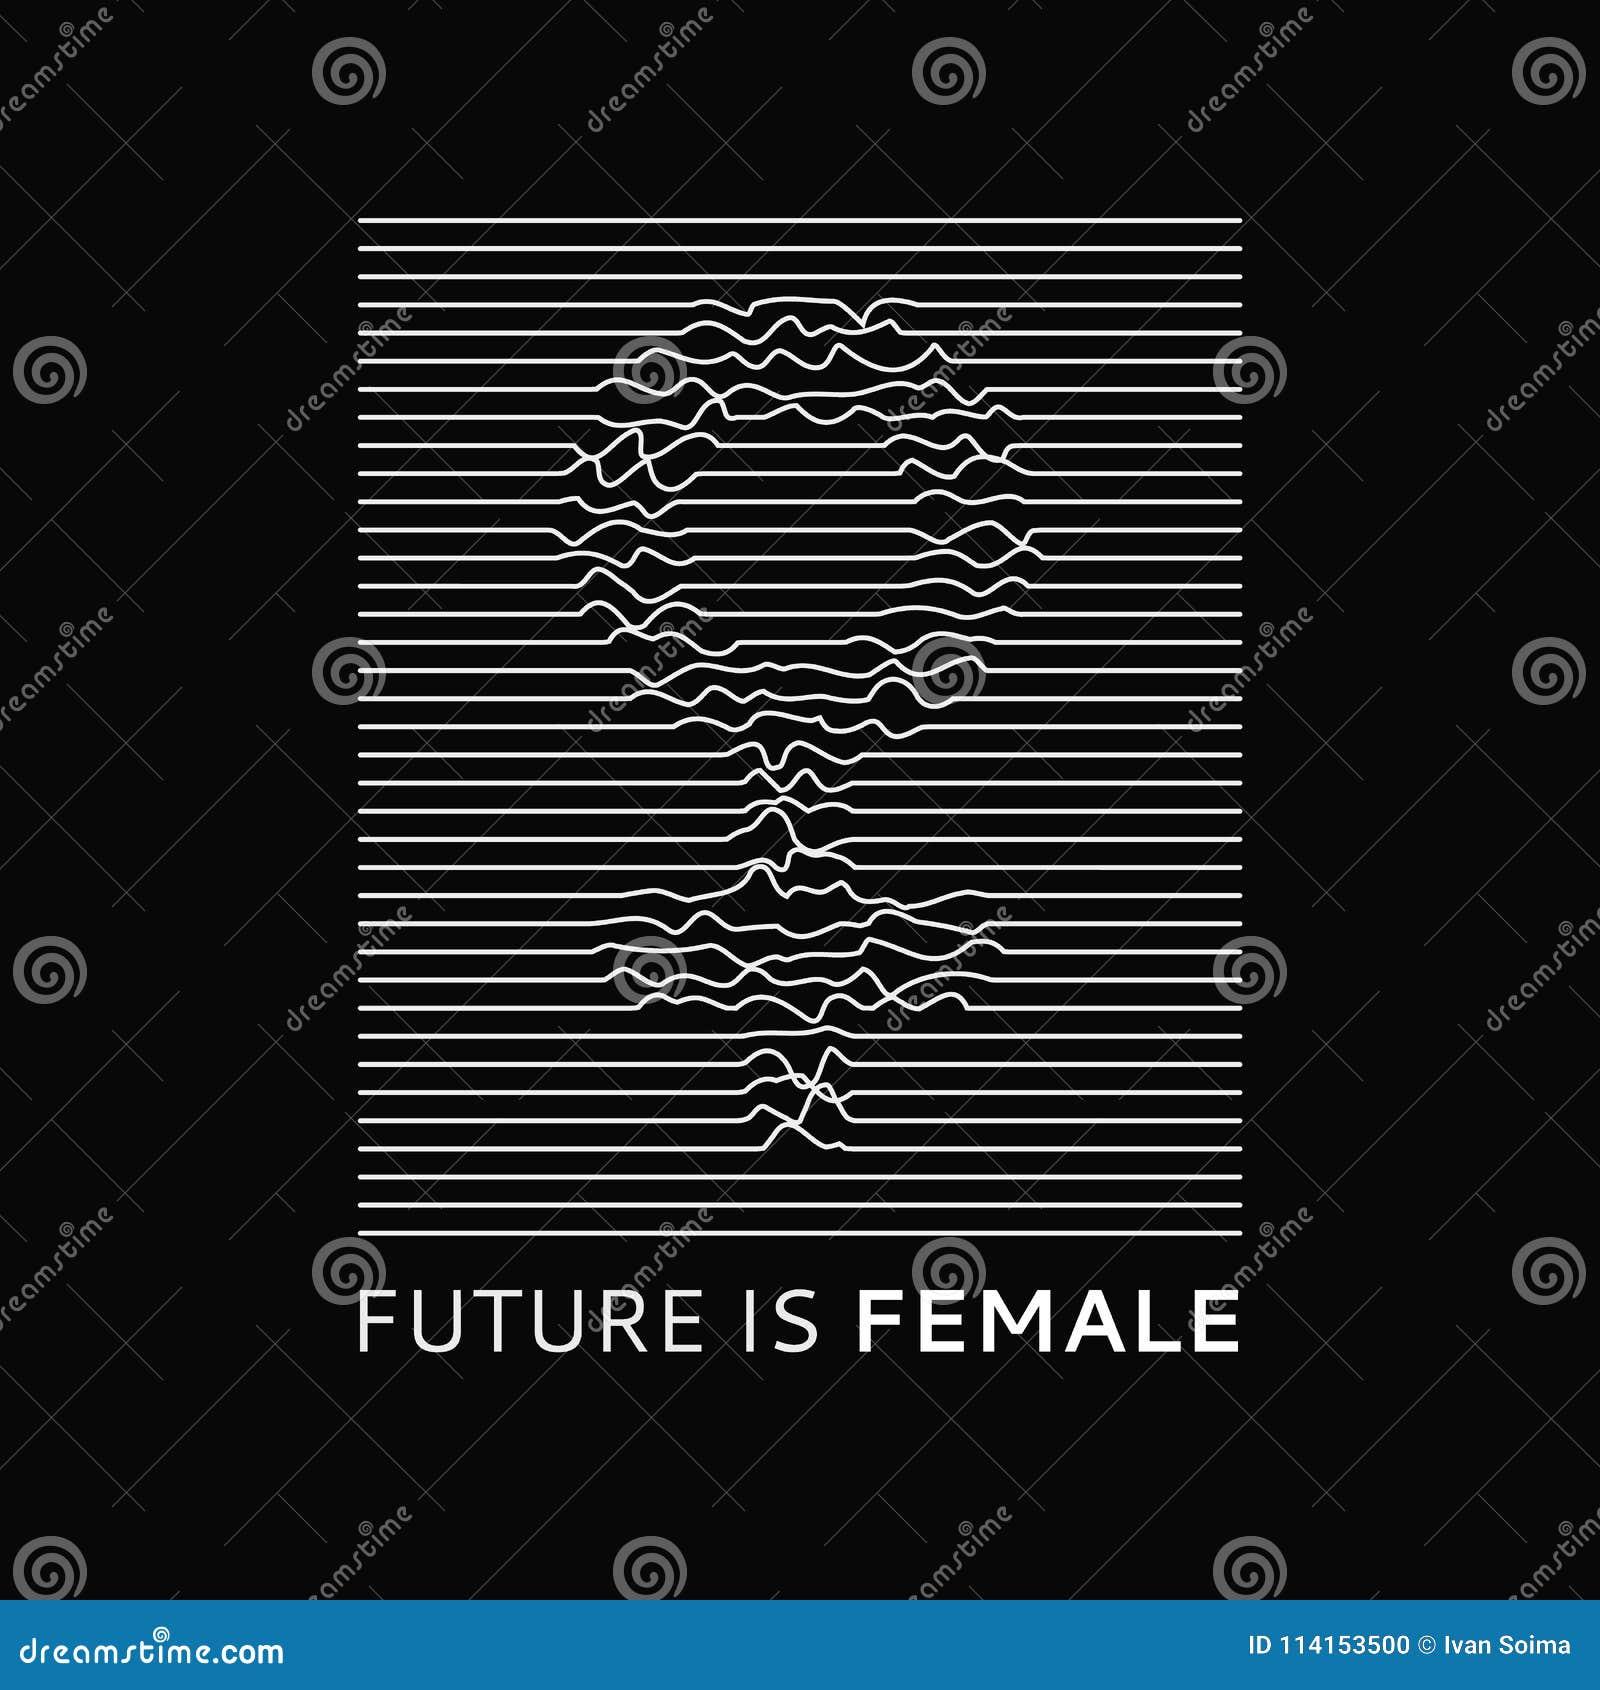 Moda sloganu przyszłość jest Żeńska Feministyczny slogan, roath linie, projekt koszulki druk lub broderia, łaty typografia